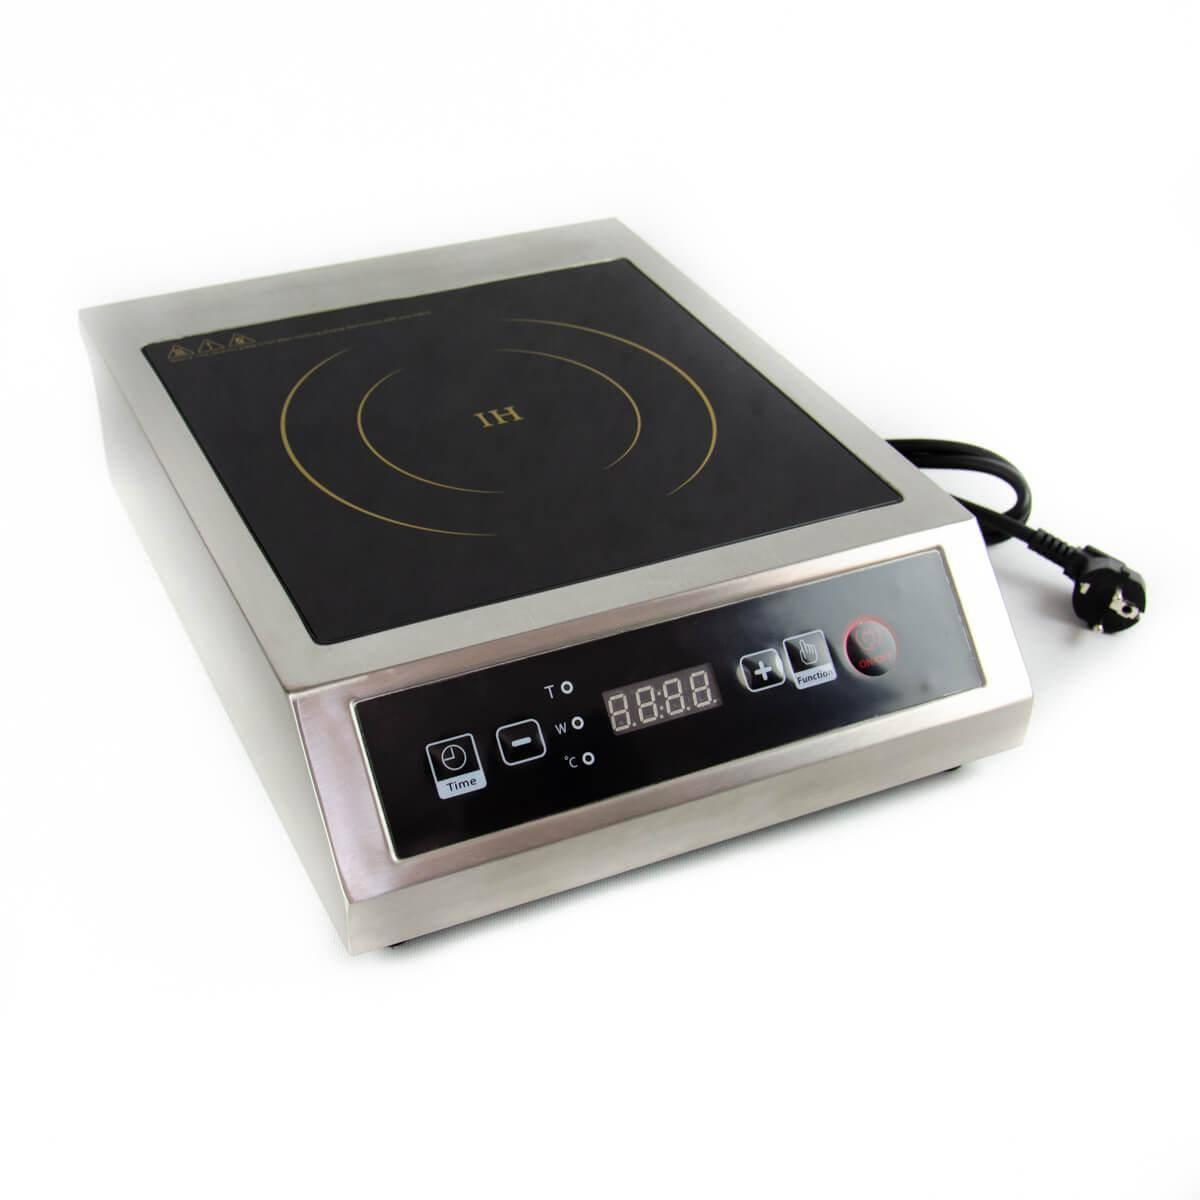 Индукционная плита для самогоноварения: какую лучше выбрать, рейтинг